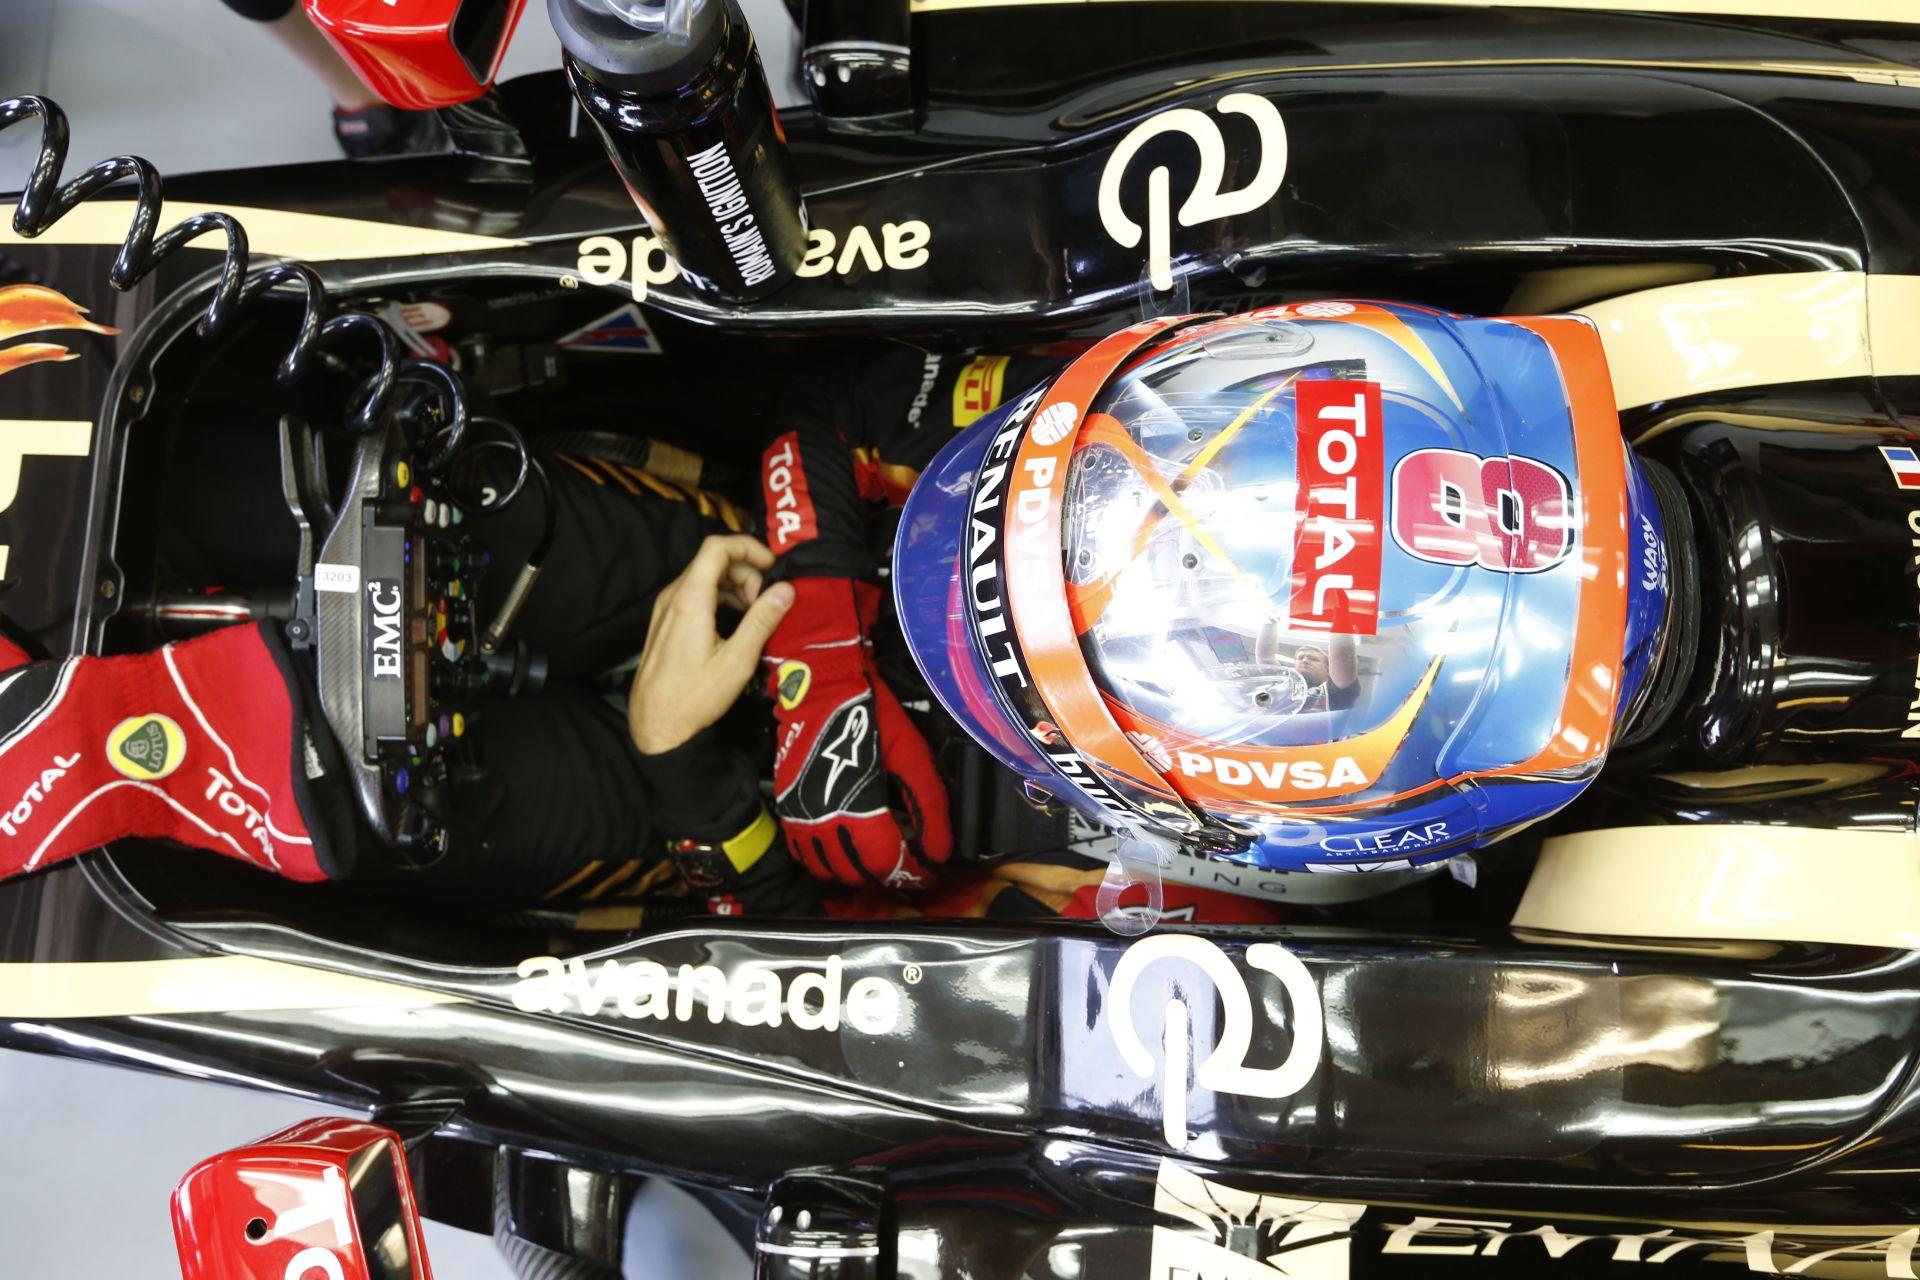 Grosjean is autót tört a Hungaroringen: A francia hibázott